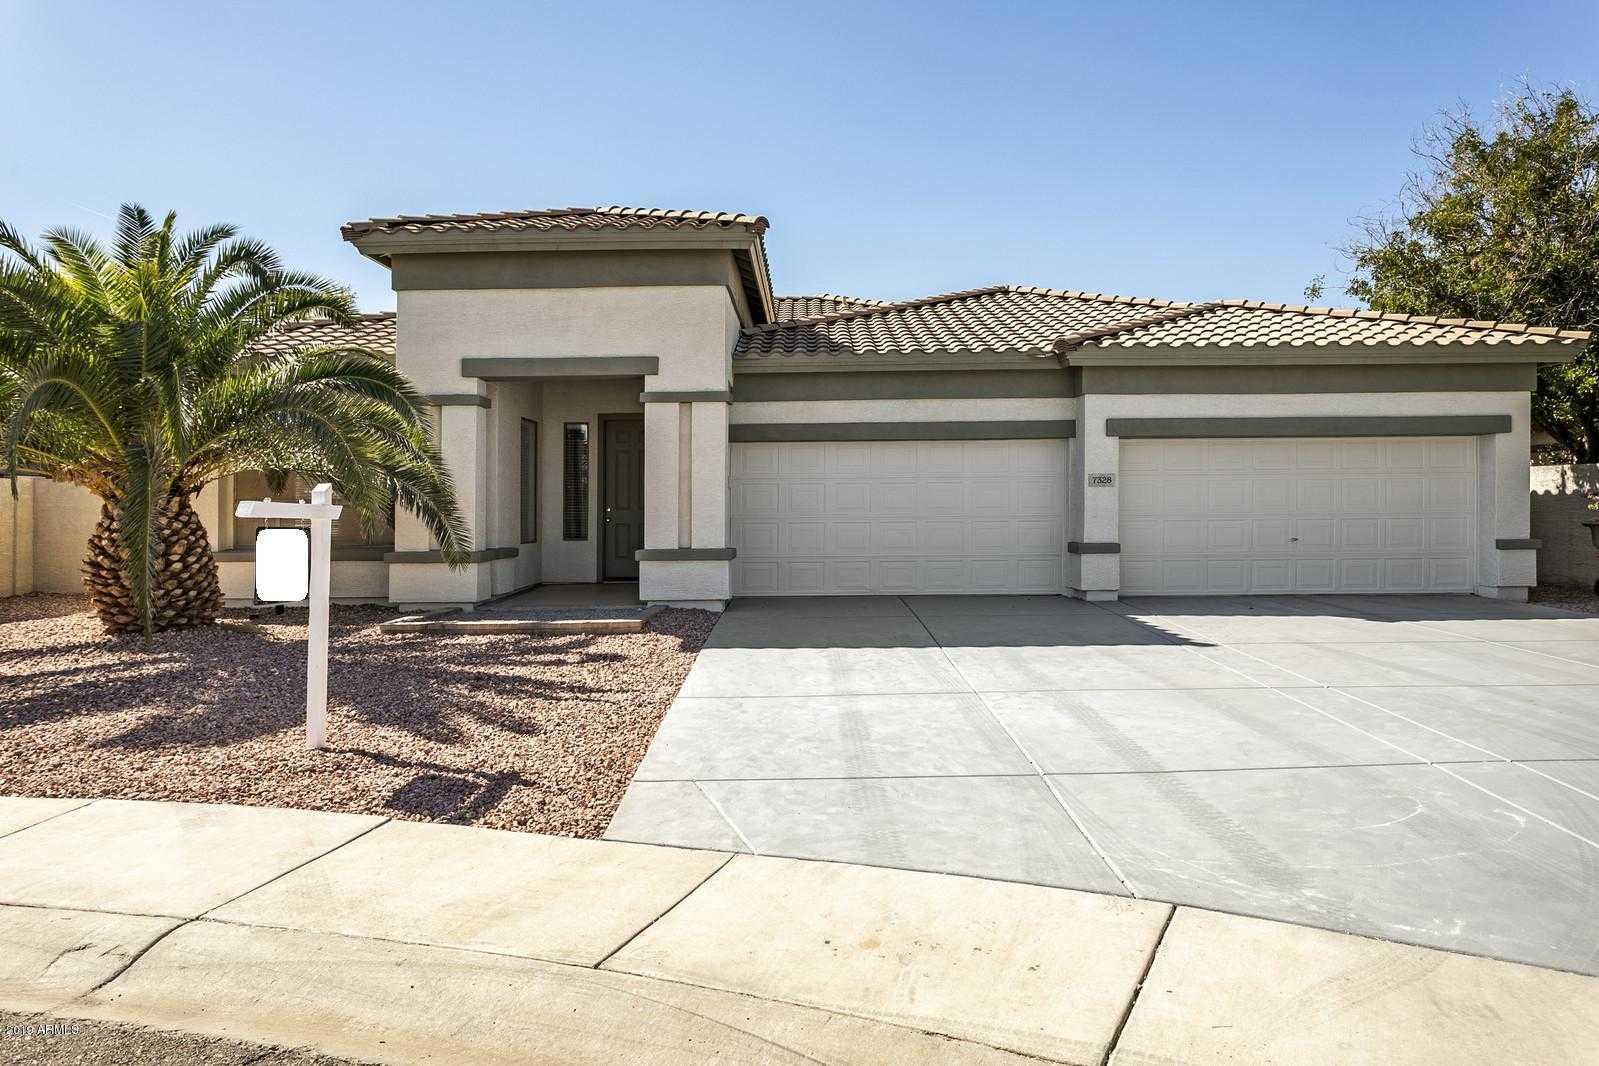 $395,000 - 4Br/3Ba - Home for Sale in West Glenn Estates, Glendale